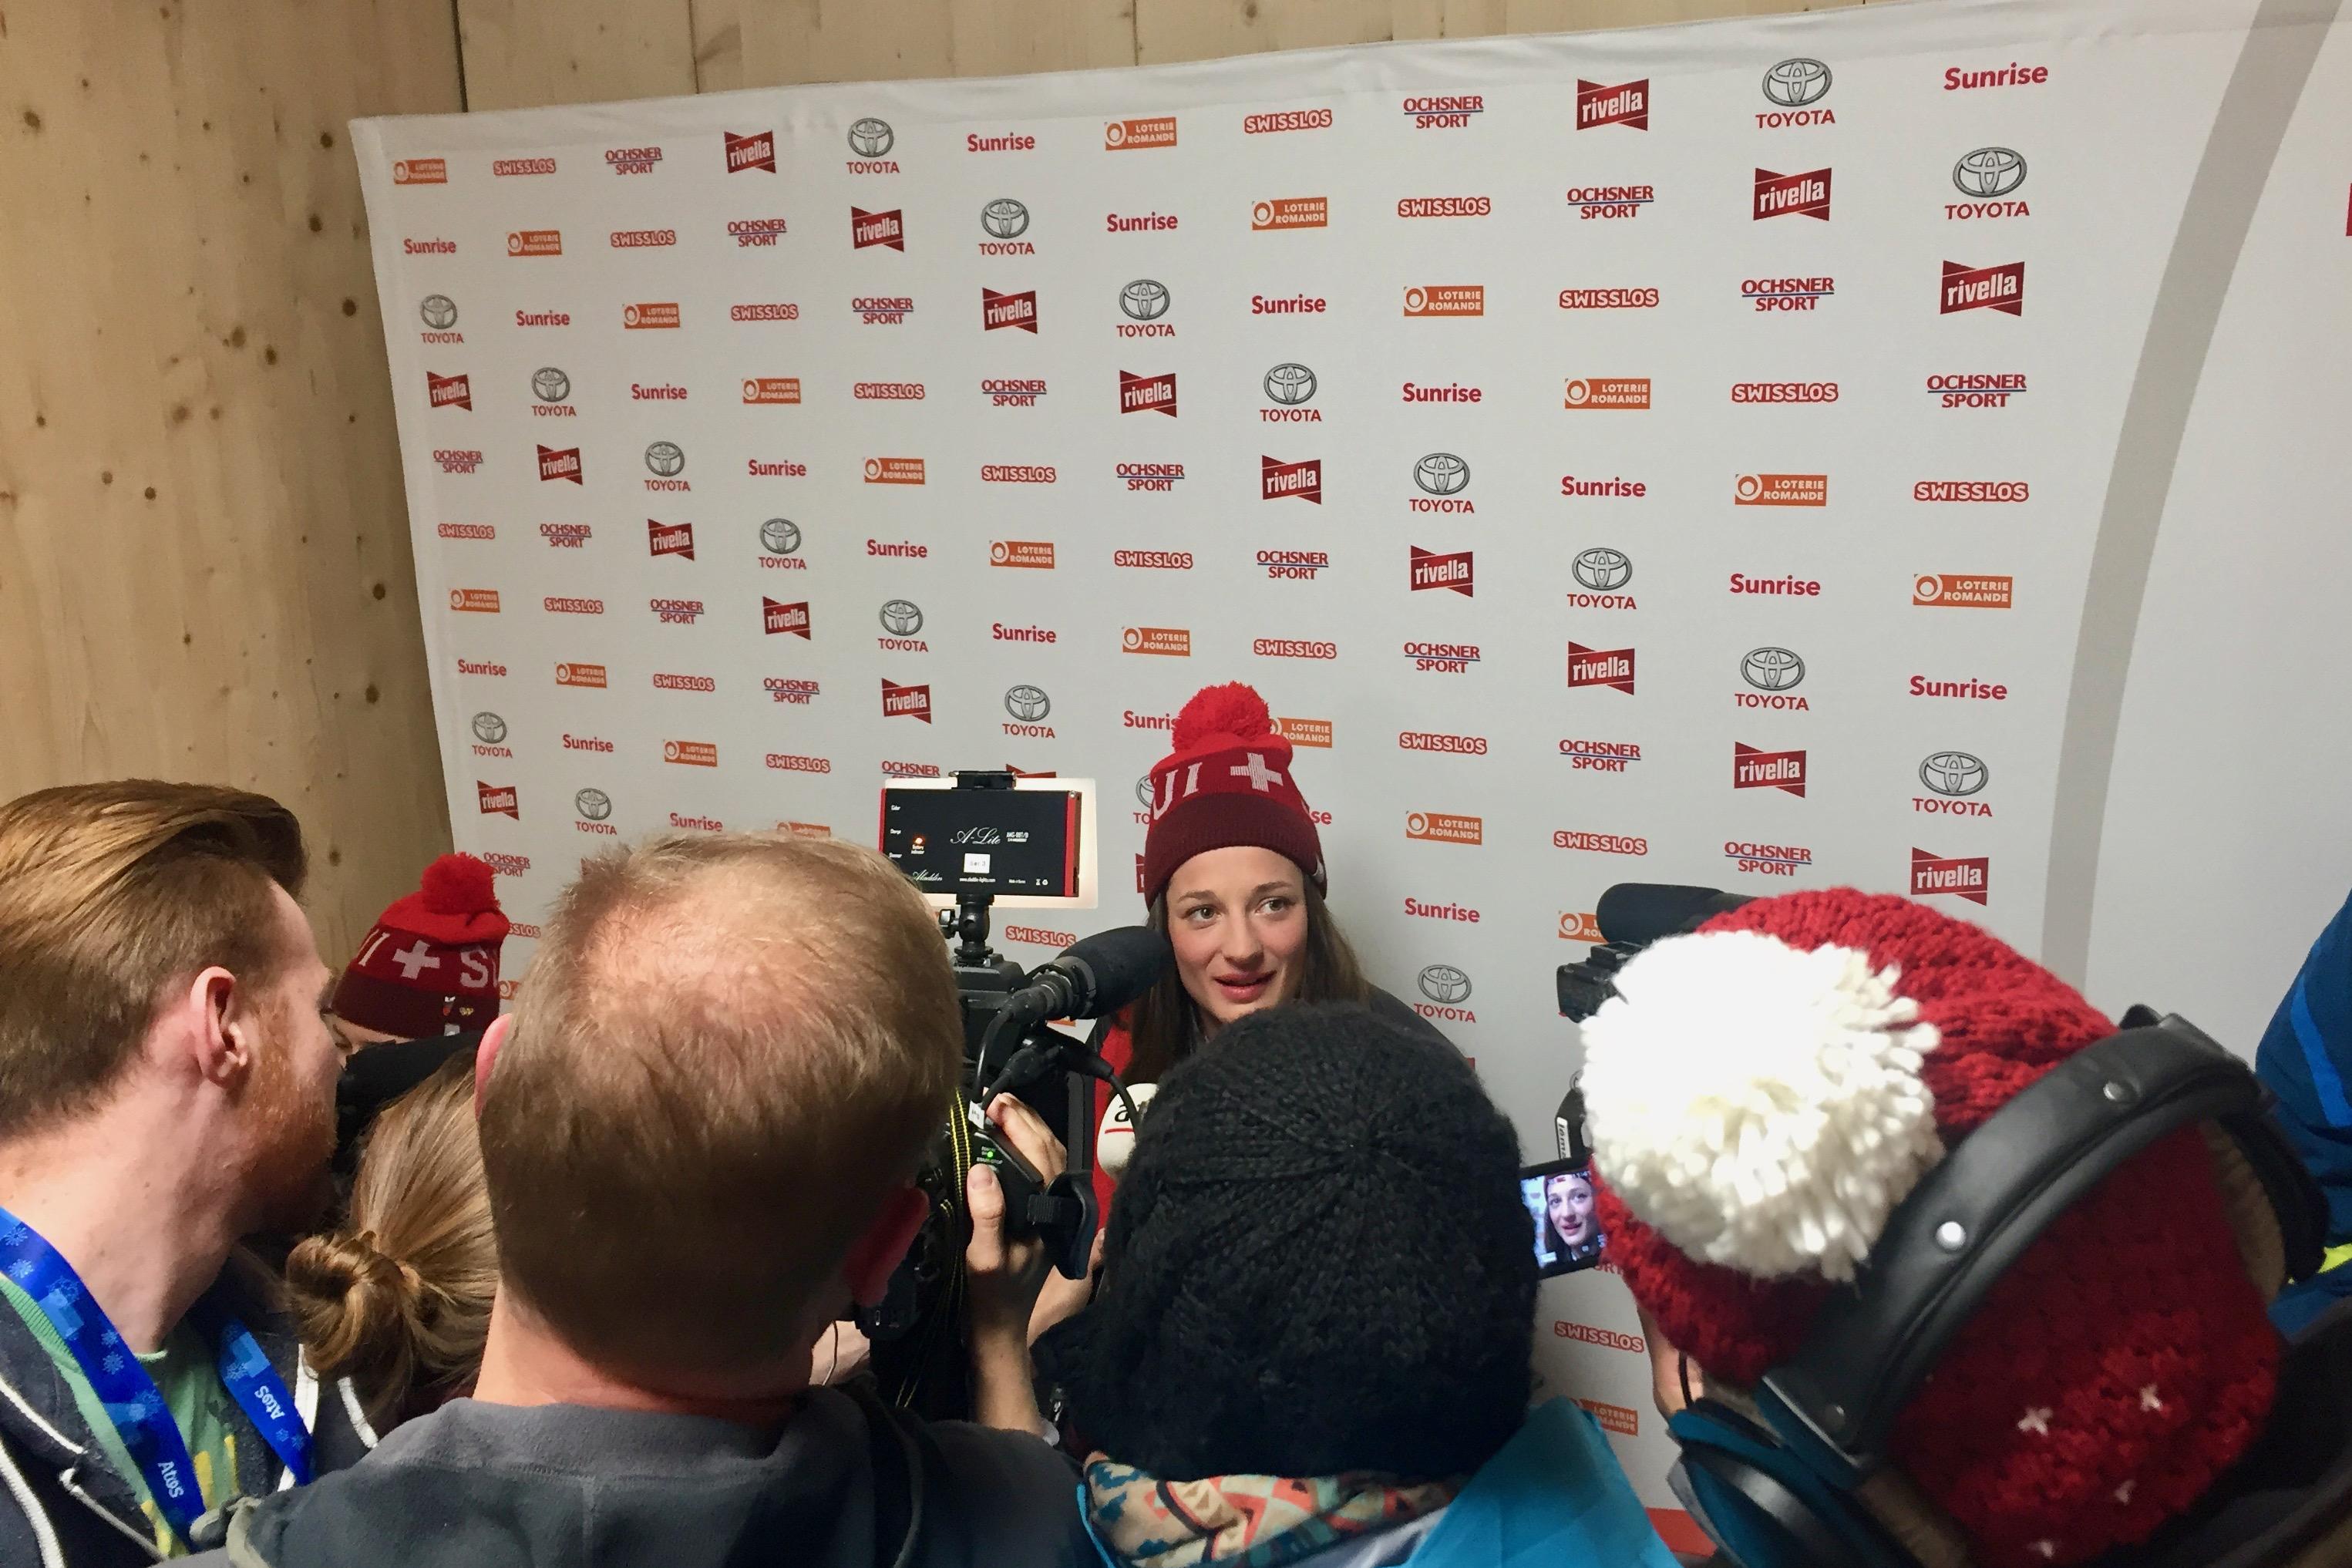 En conférence de presse à la Maison suisse. (LMO)